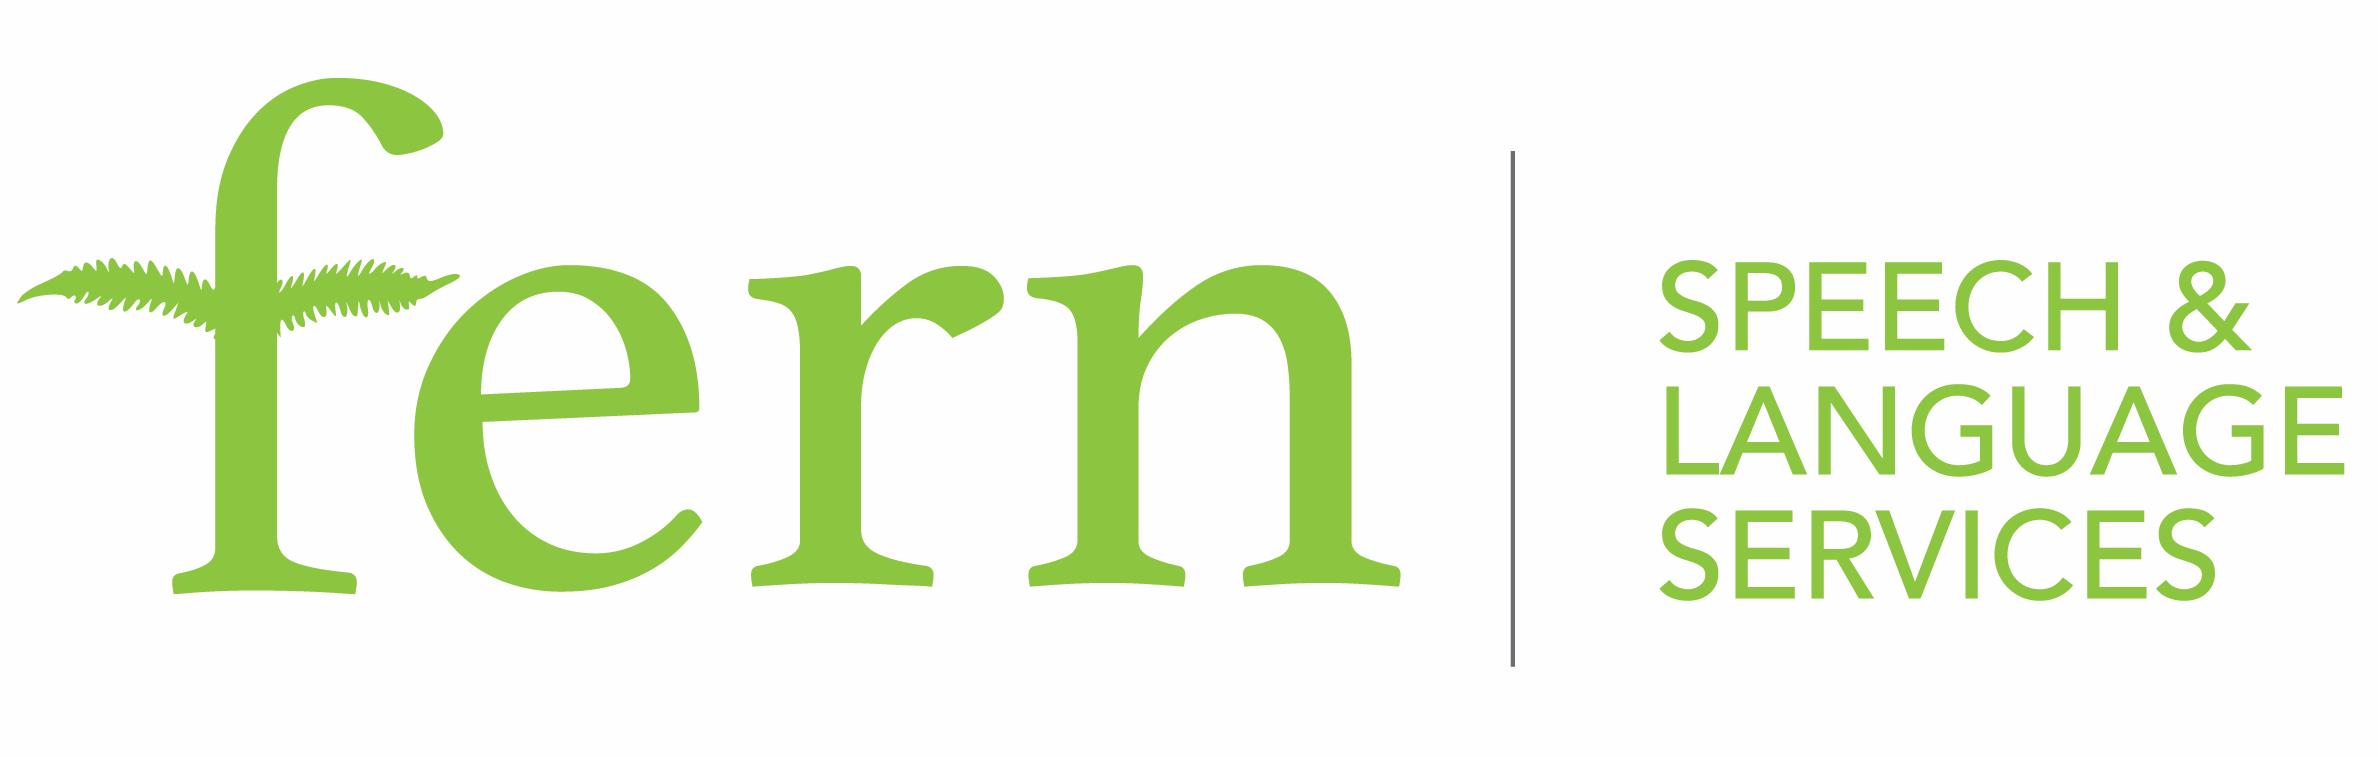 Fern Speech & Language Services